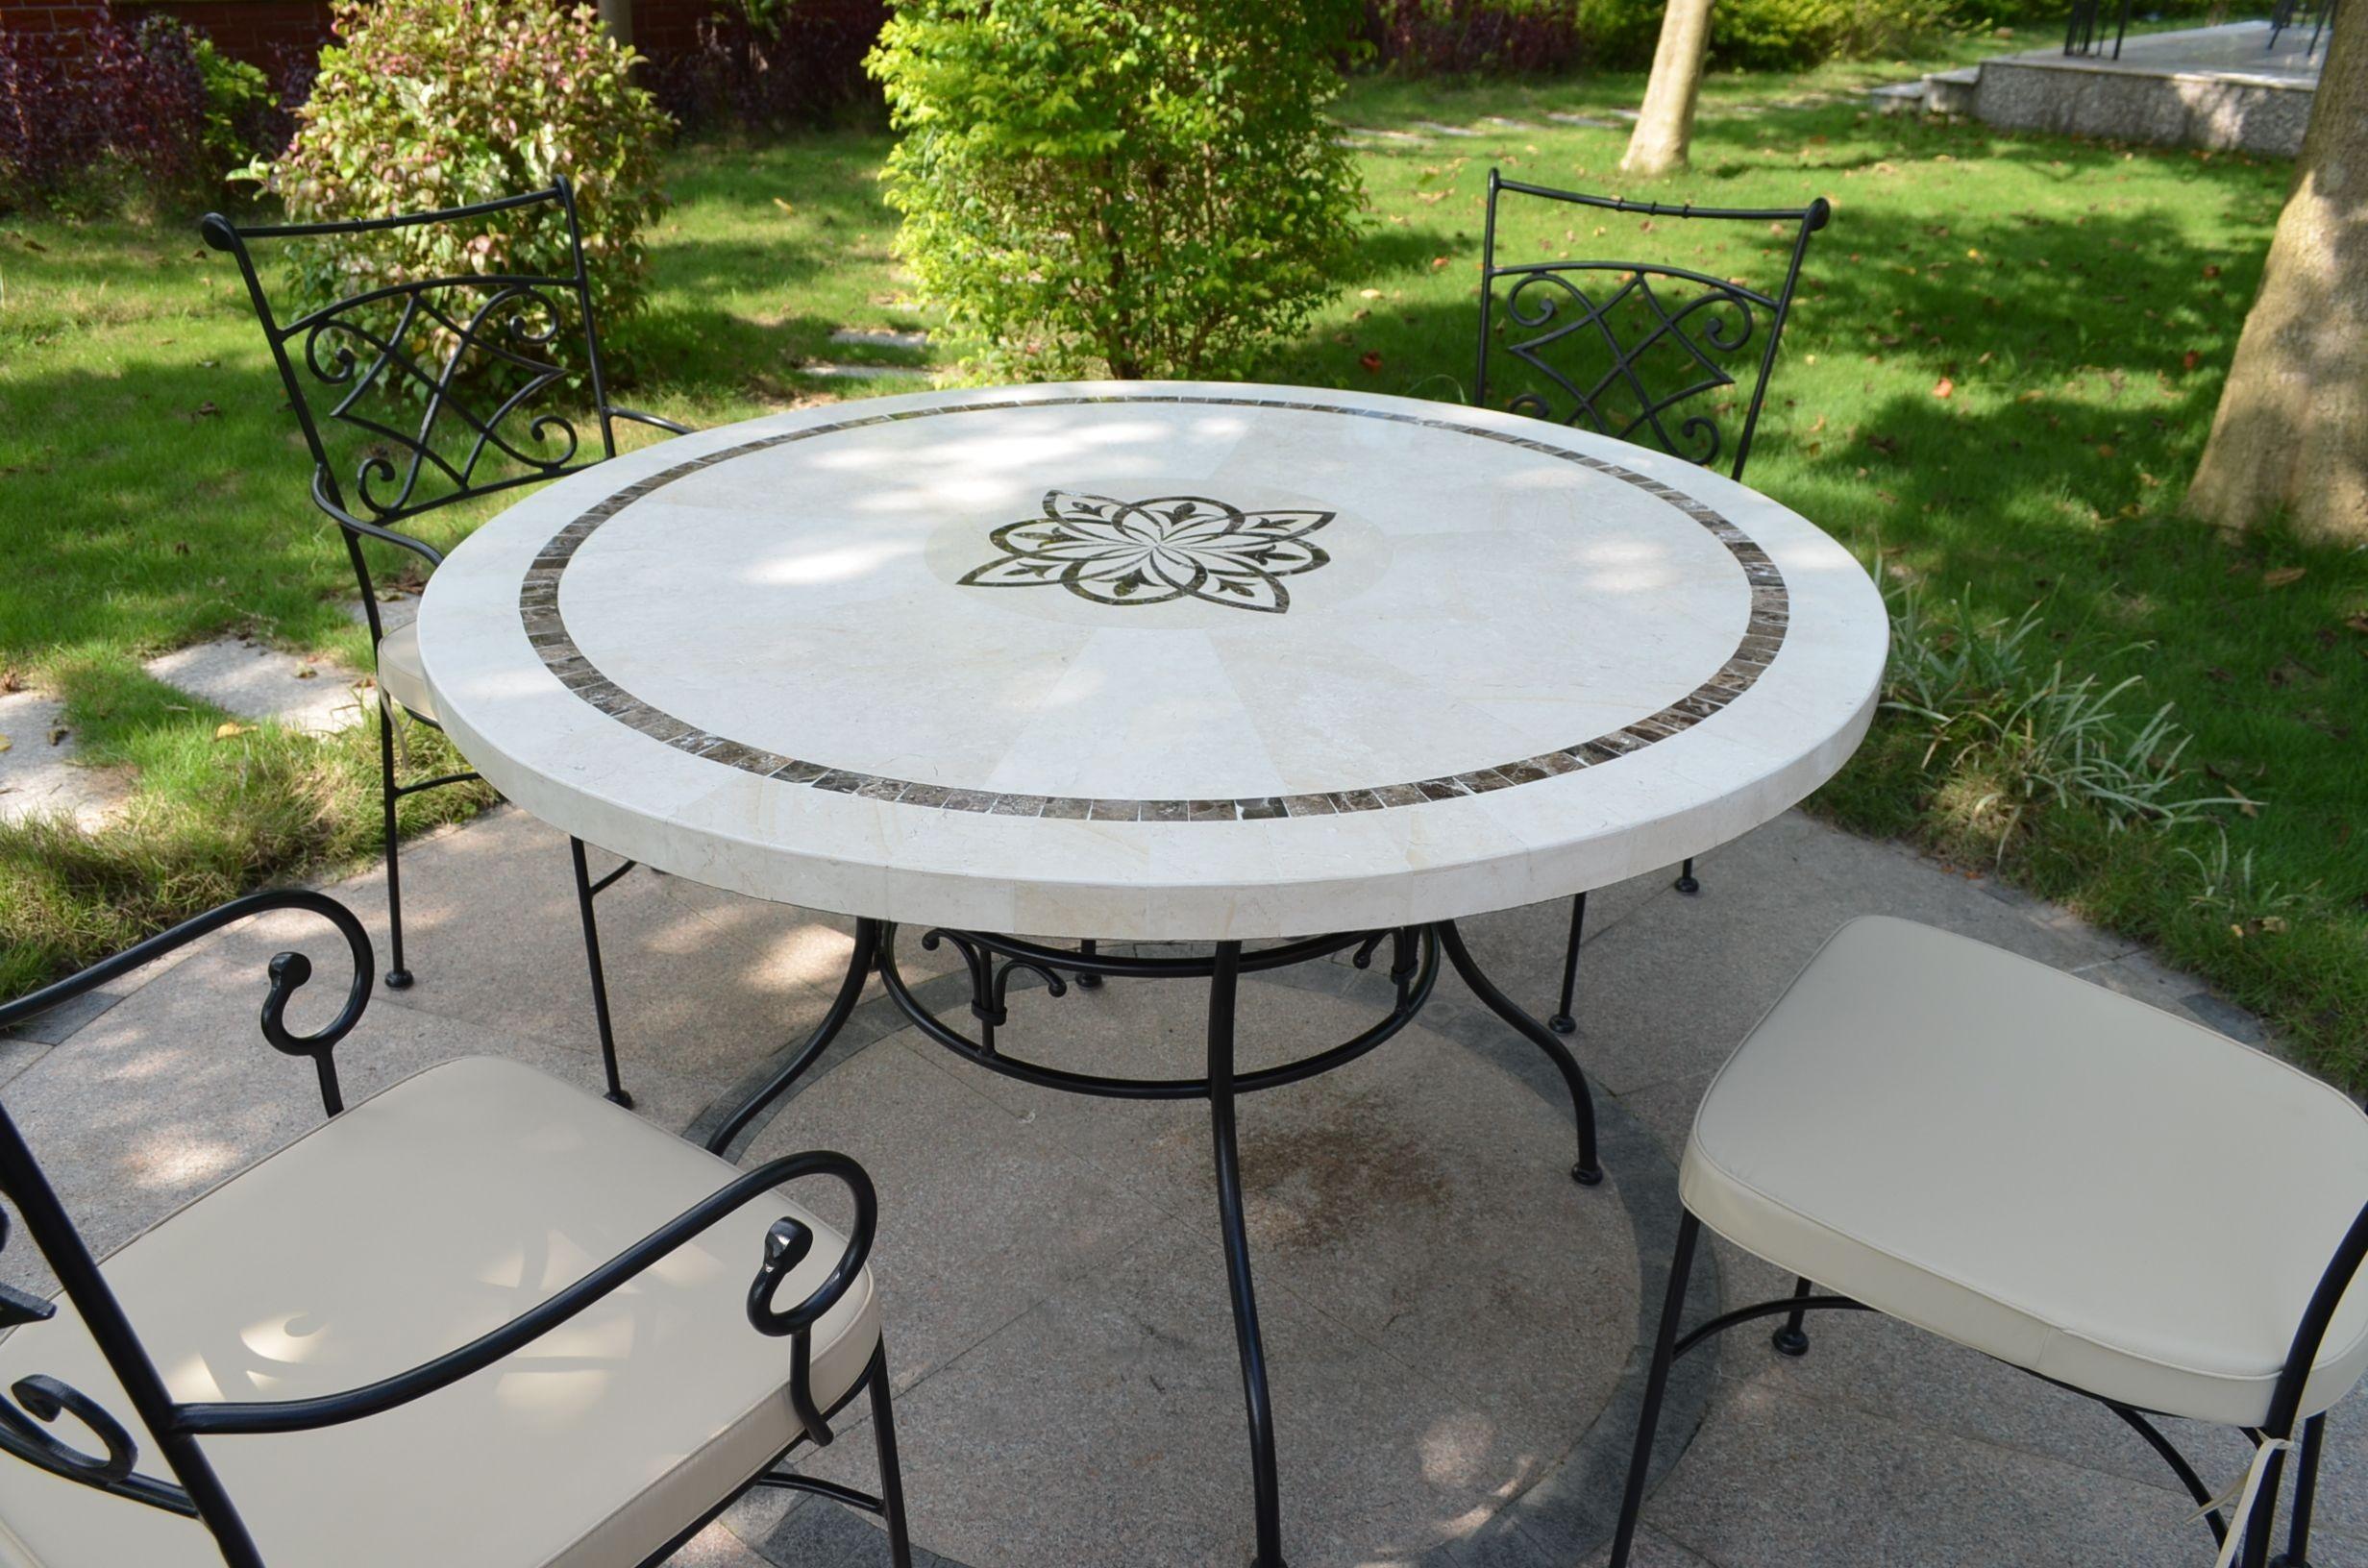 Table De Jardin Mosaïque Ronde 125 160 Emperador Travertin Marbella dedans Table De Jardin En Mosaique